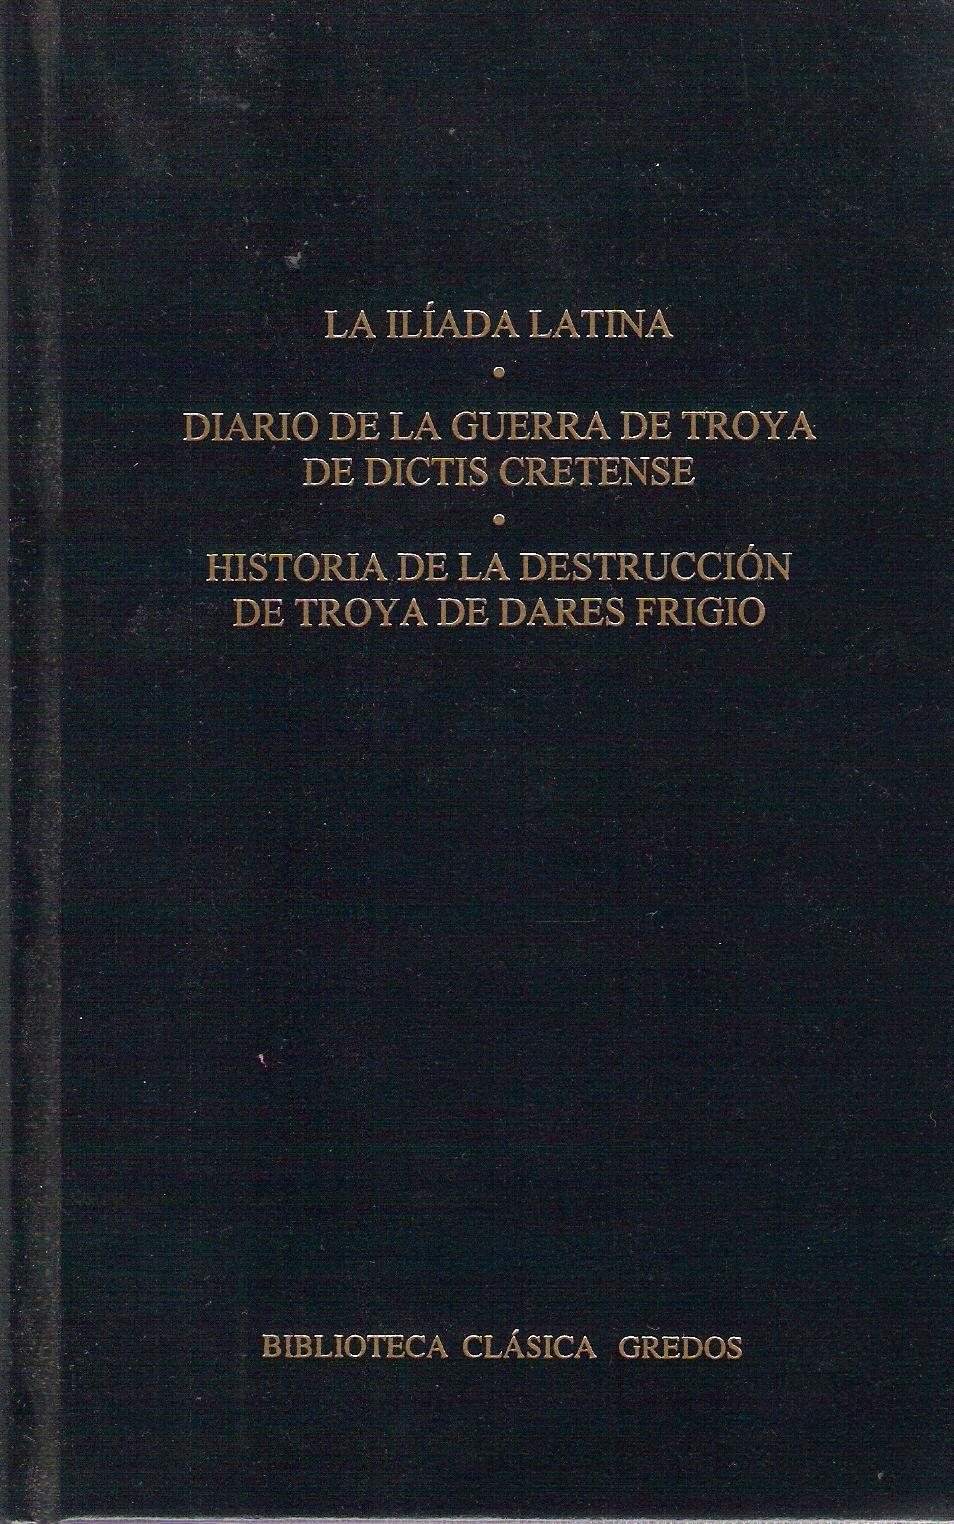 La Ilíada Latina - Diario de la guerra de Troya - Historia de la destrucción de Troya